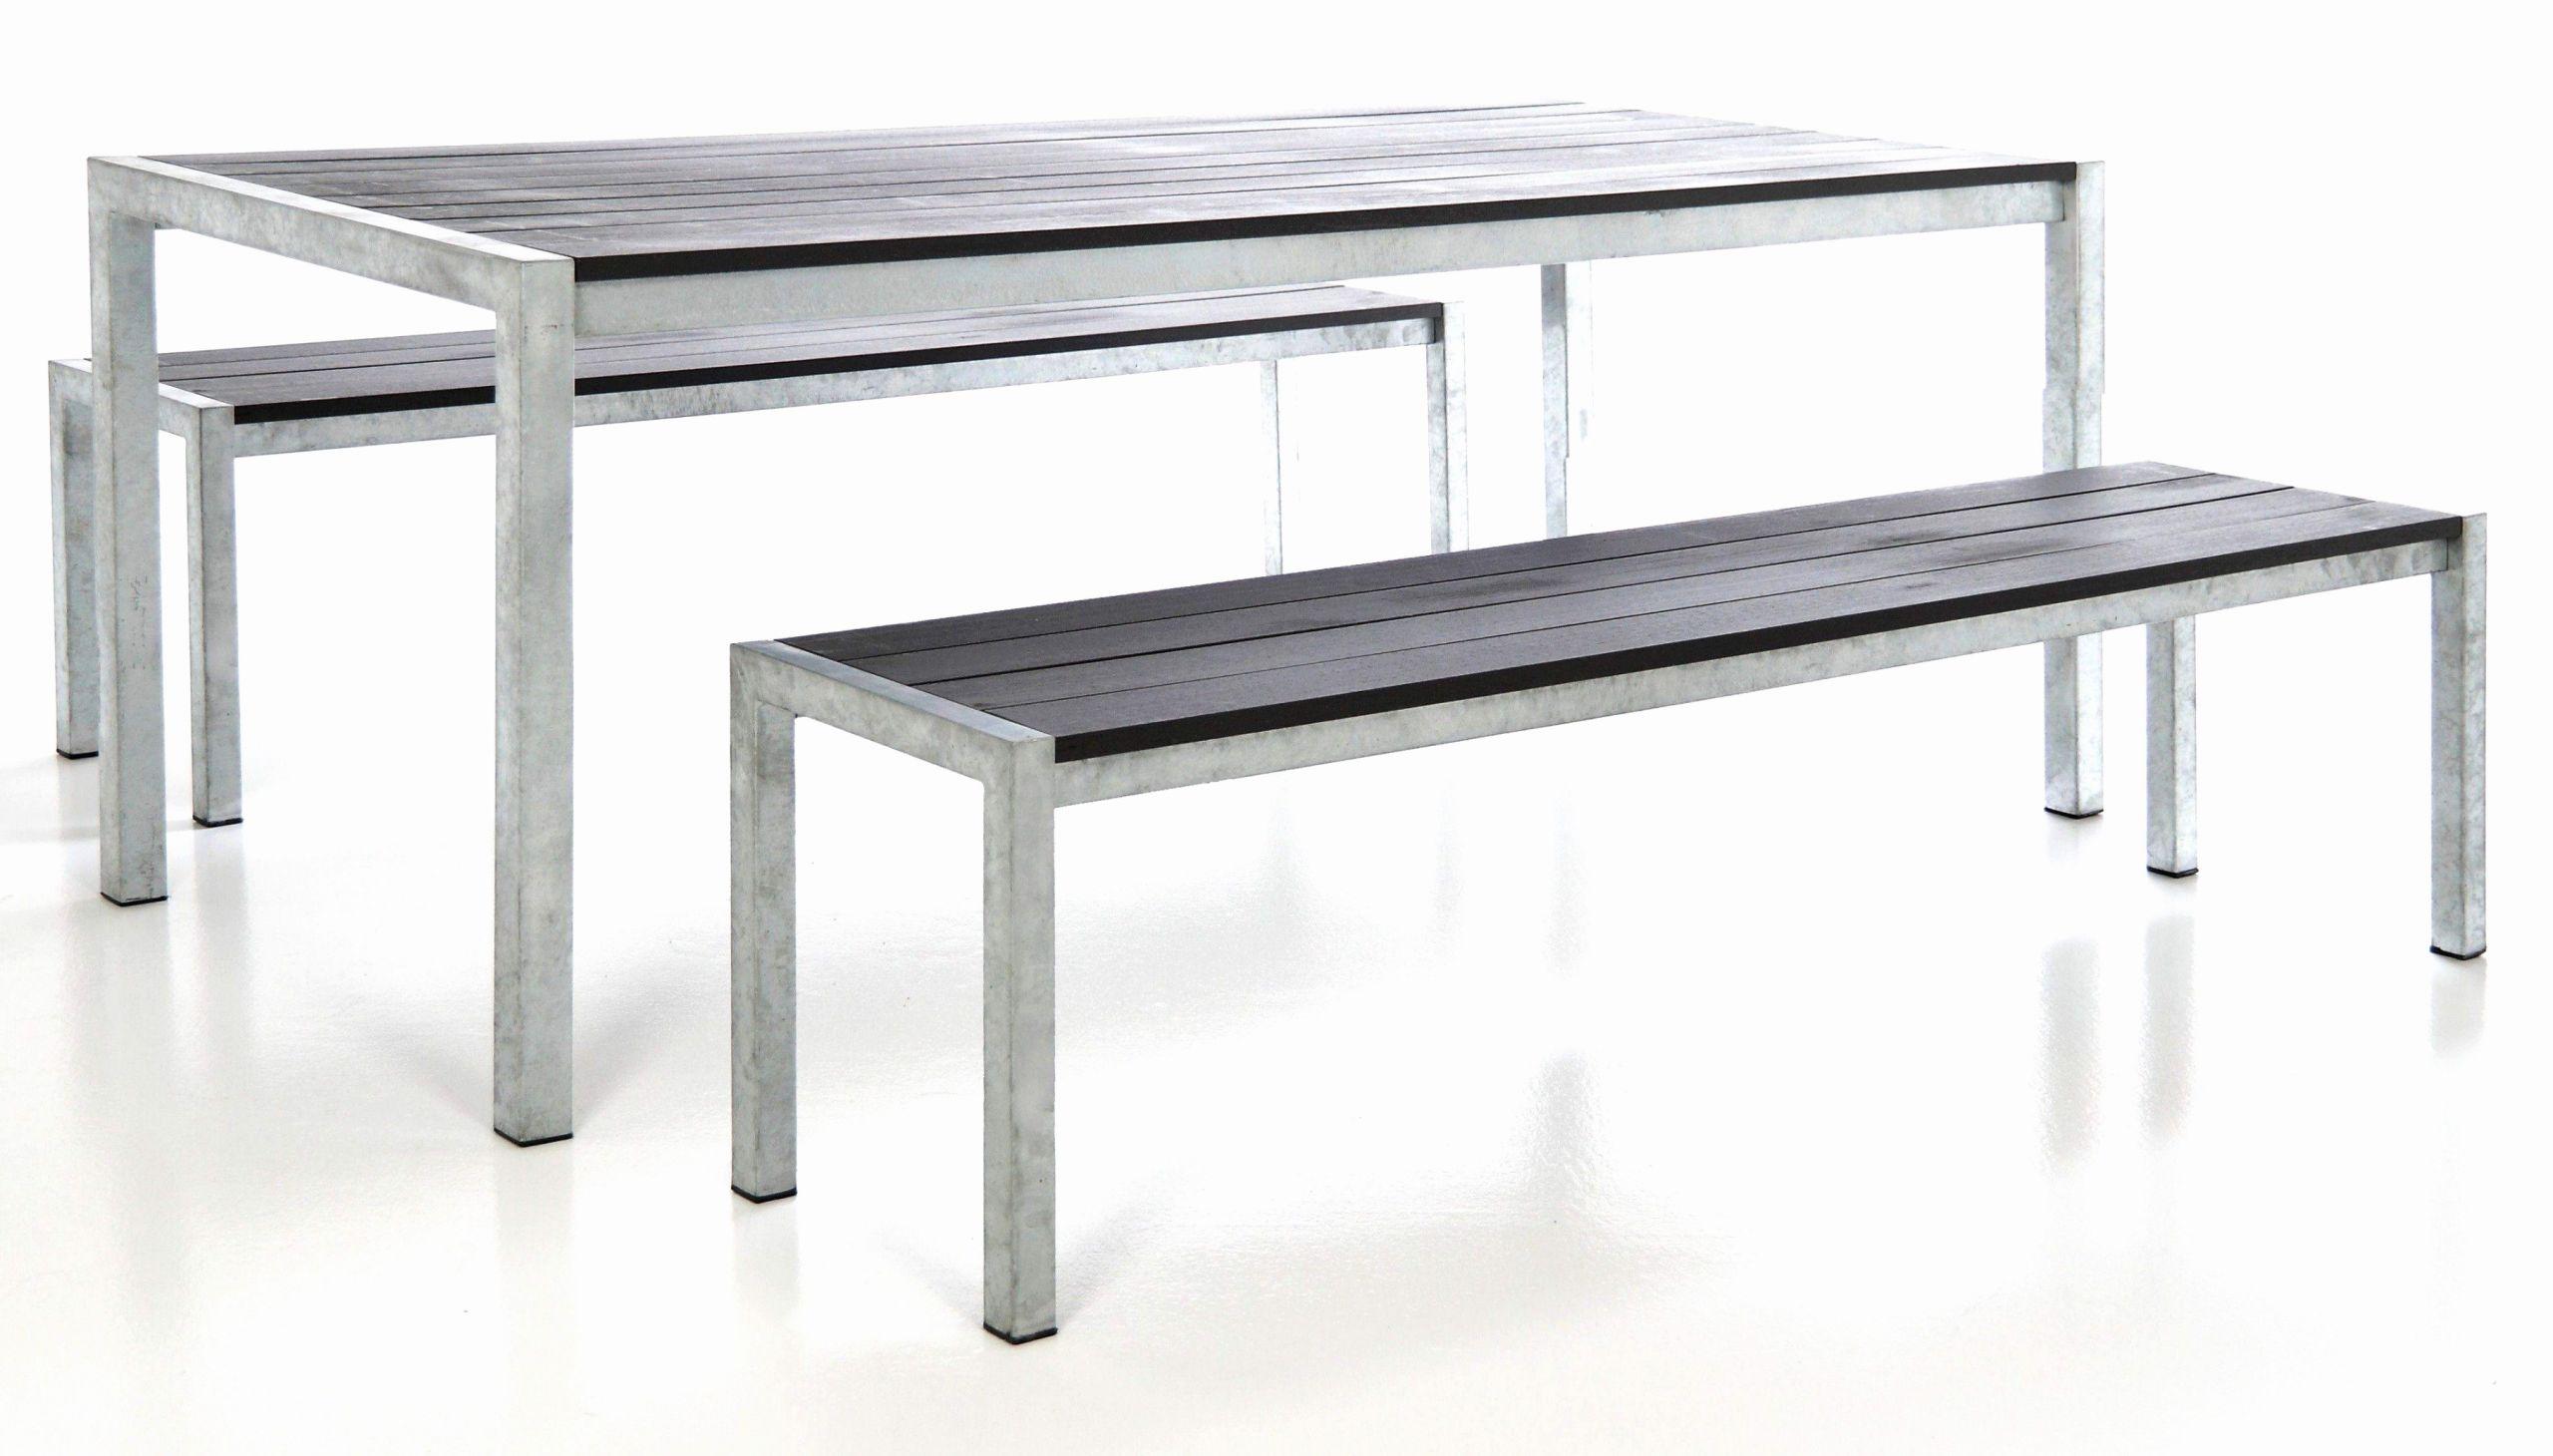 Table Extensible Exterieur Génial Salon De Jardin En Metal Inspiré Salon De Jardin En Bois